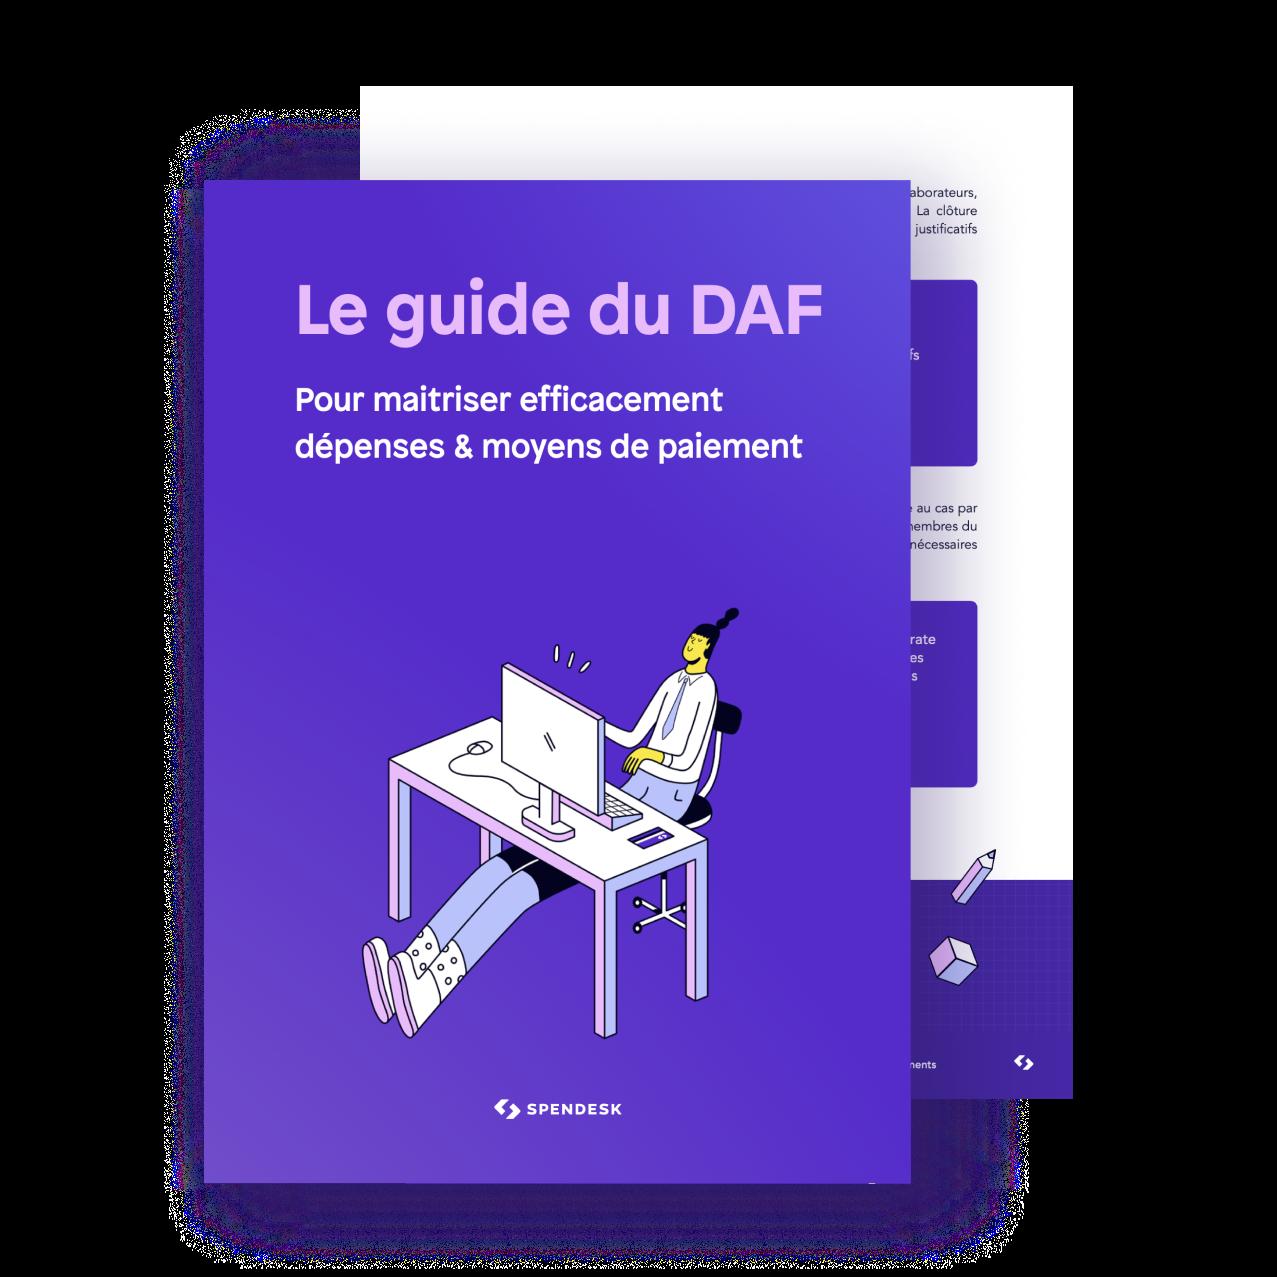 Ebook_Cover_Guide-du-DAF_FR